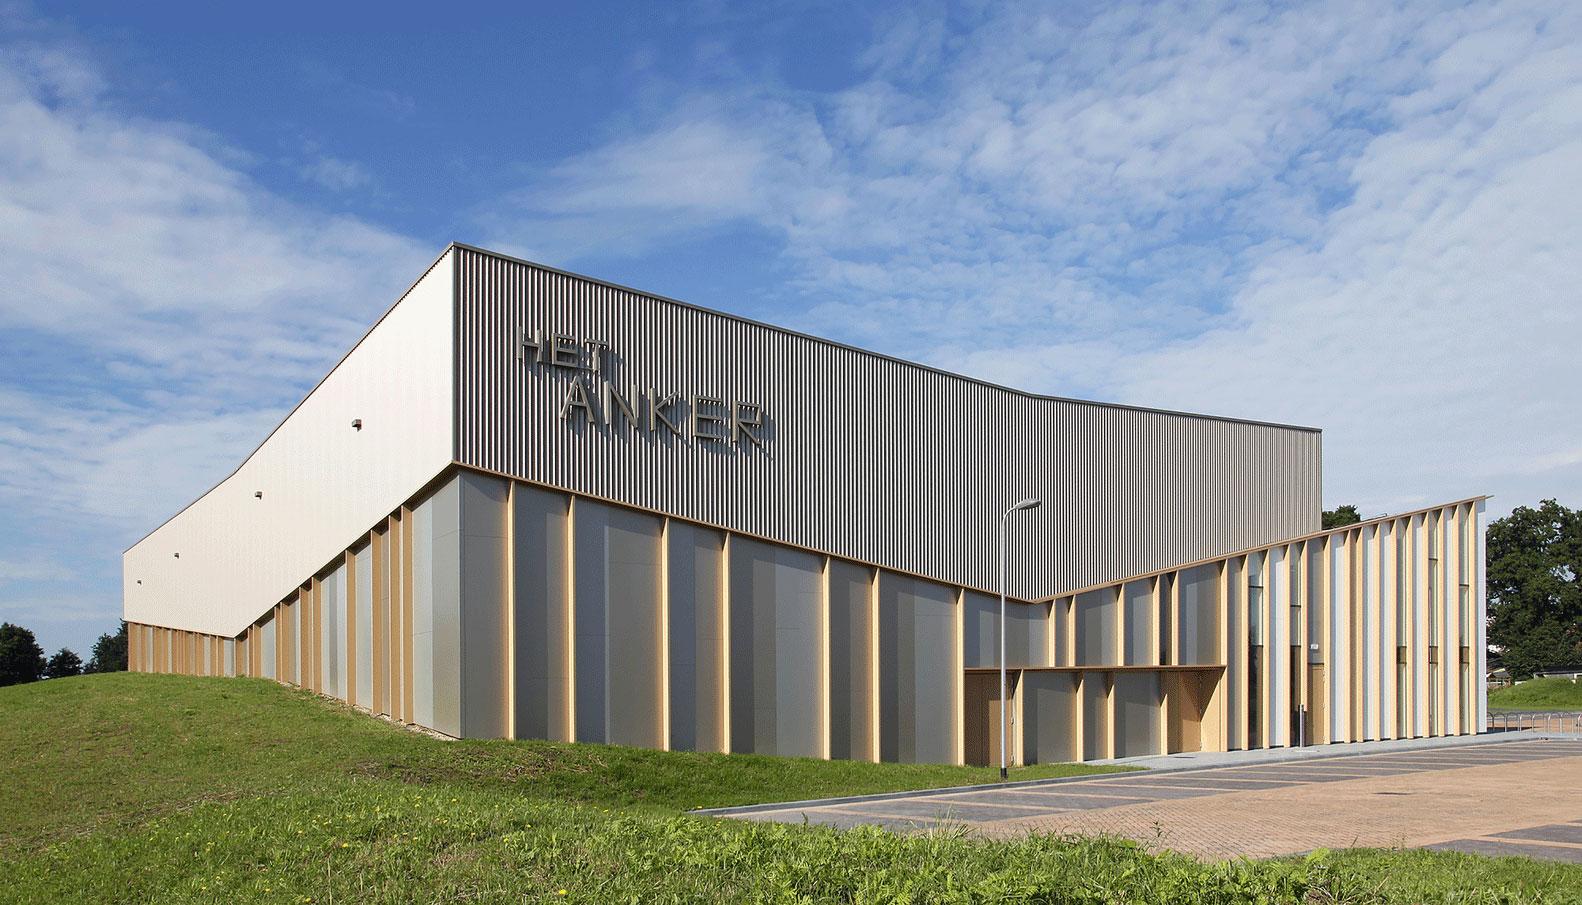 Het Anker, Architect MoederscheimMoonen, Zwolle, Netherlands, Alucobond Sparkling White, Silver Champagne Metallic, Bronze Metallic, Photography Harry Noback Maarten Sipma